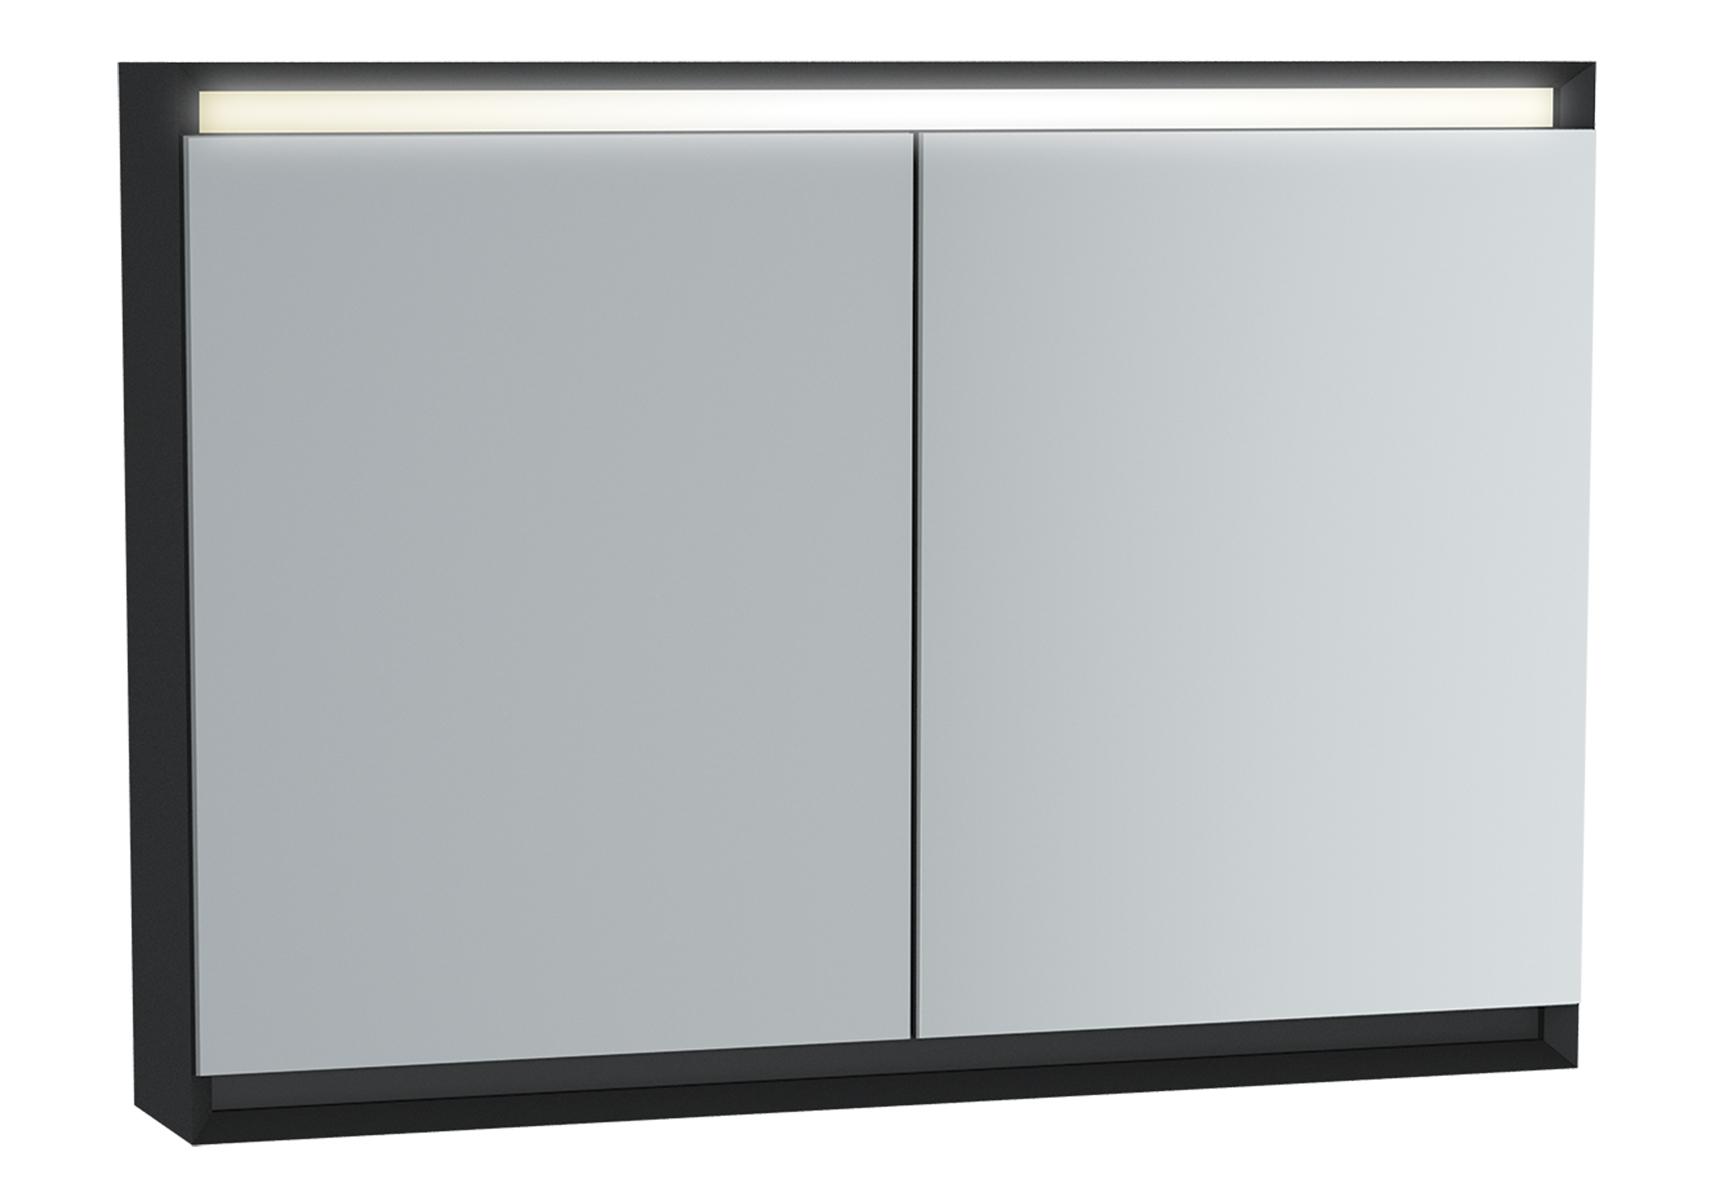 Frame armoire de toilette, 100 cm, éclairage LED horizontale, 2 portes, mat noir